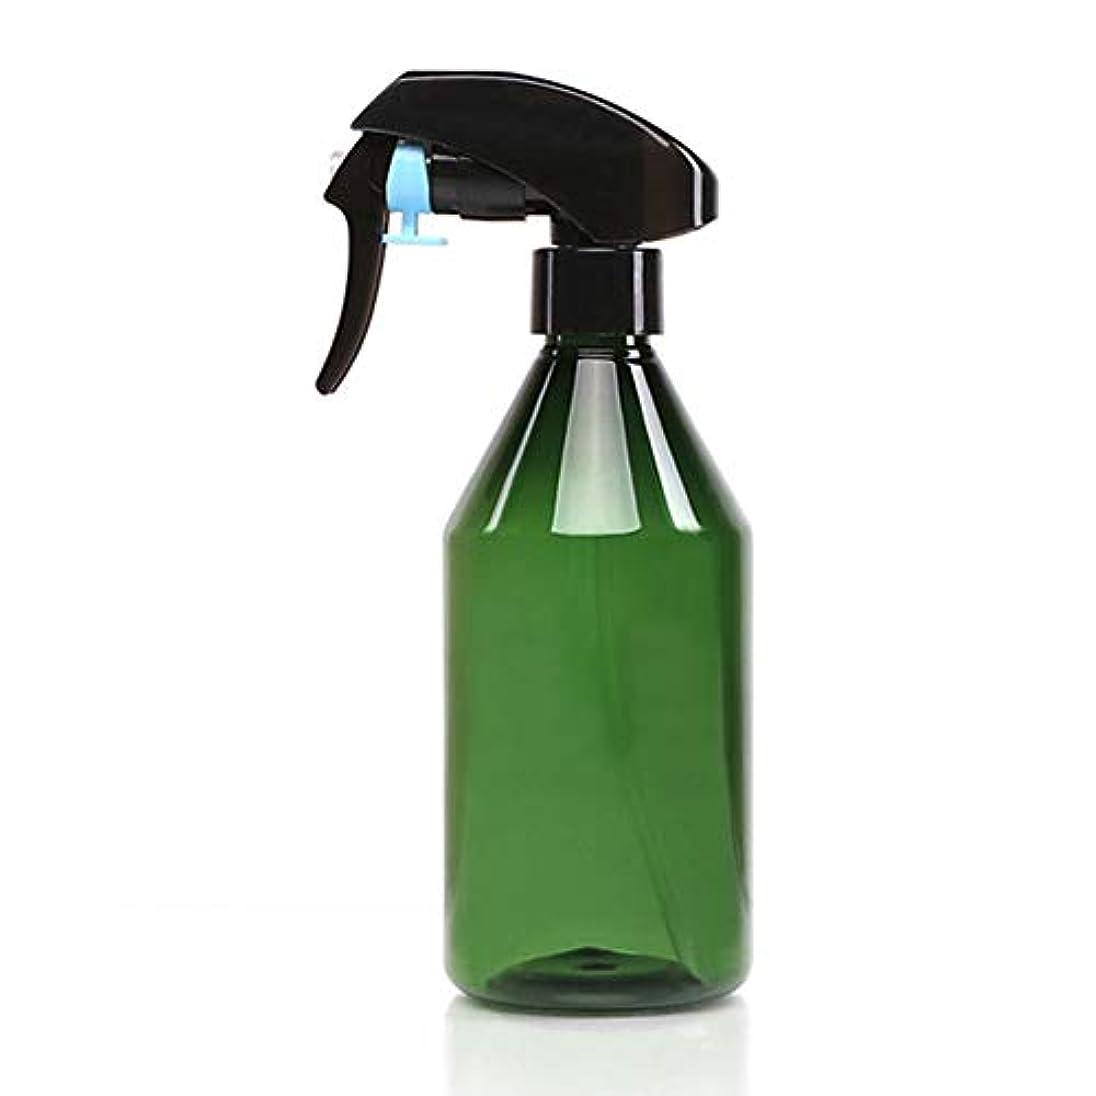 アカデミック取り扱い大声で超微細なスプレーボトル、300ミリリットル多目的ヘアーサロン理髪店ヘアスプレーボトル家庭用美容スプレーツール,グリーン